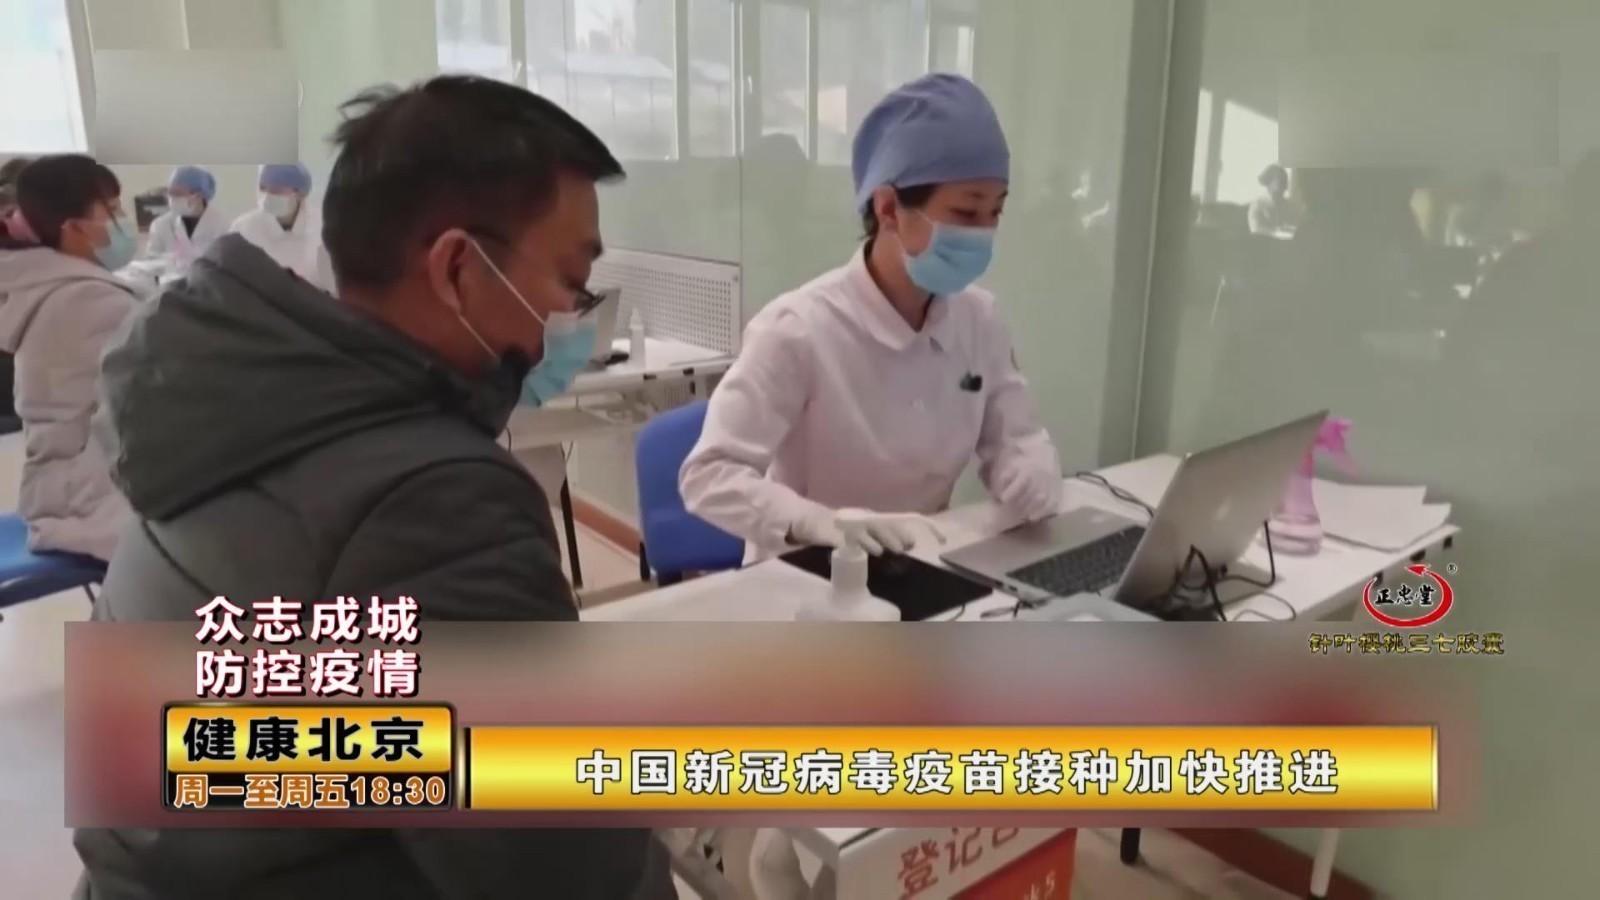 中国新冠病毒疫苗接种加快推进